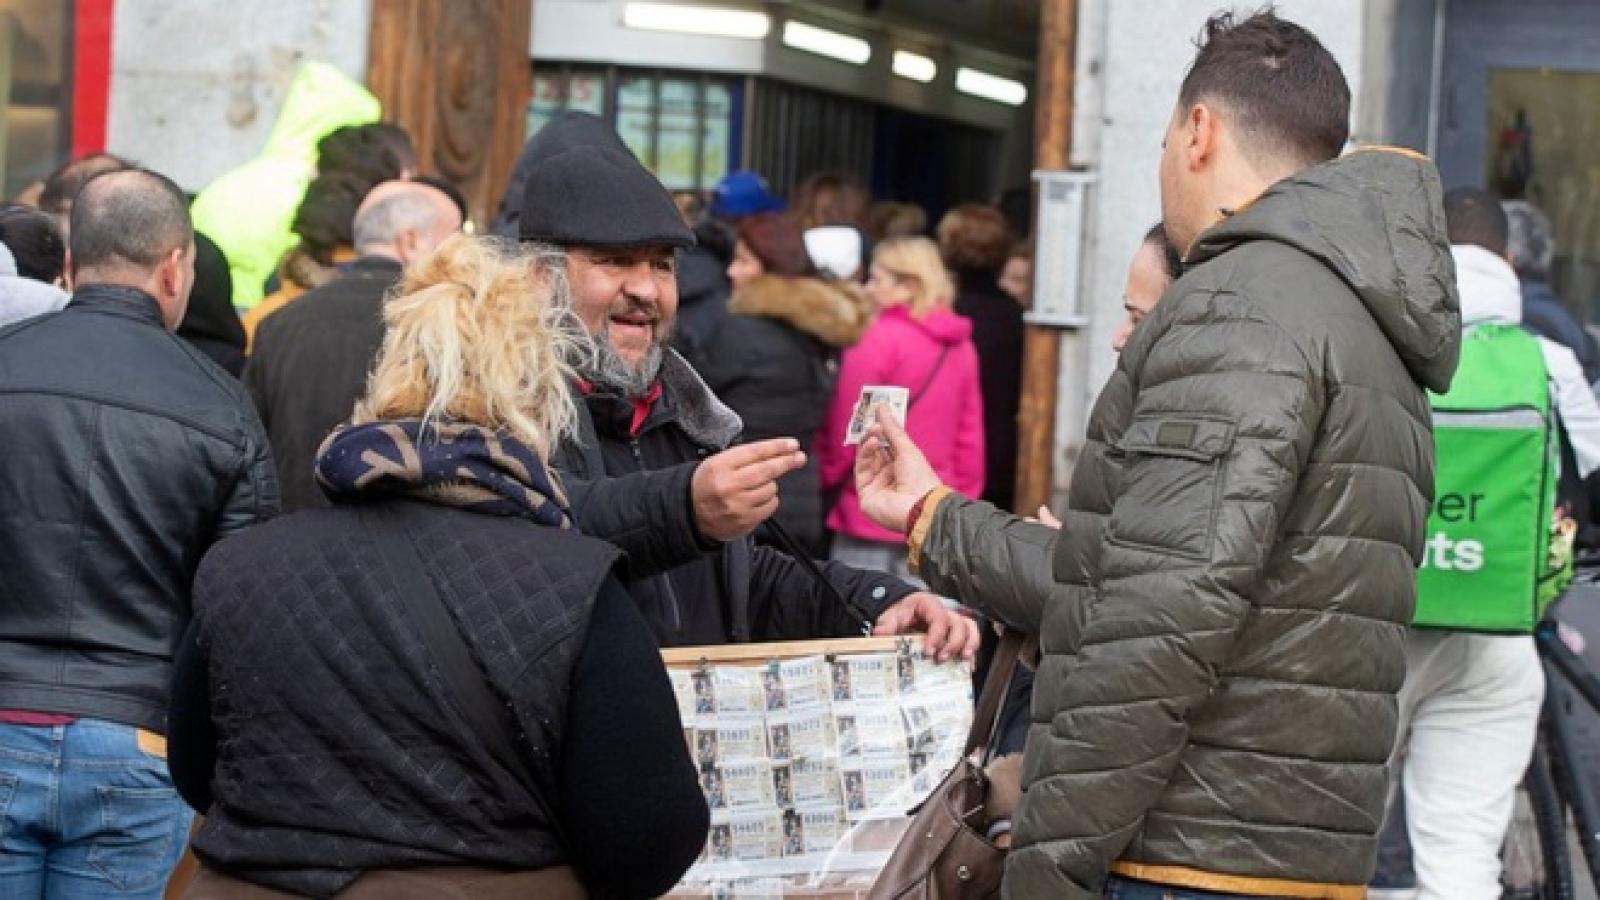 Người dân Tây Ban Nha xếp hàng trong giá lạnh mua vé số Giáng sinh may mắn